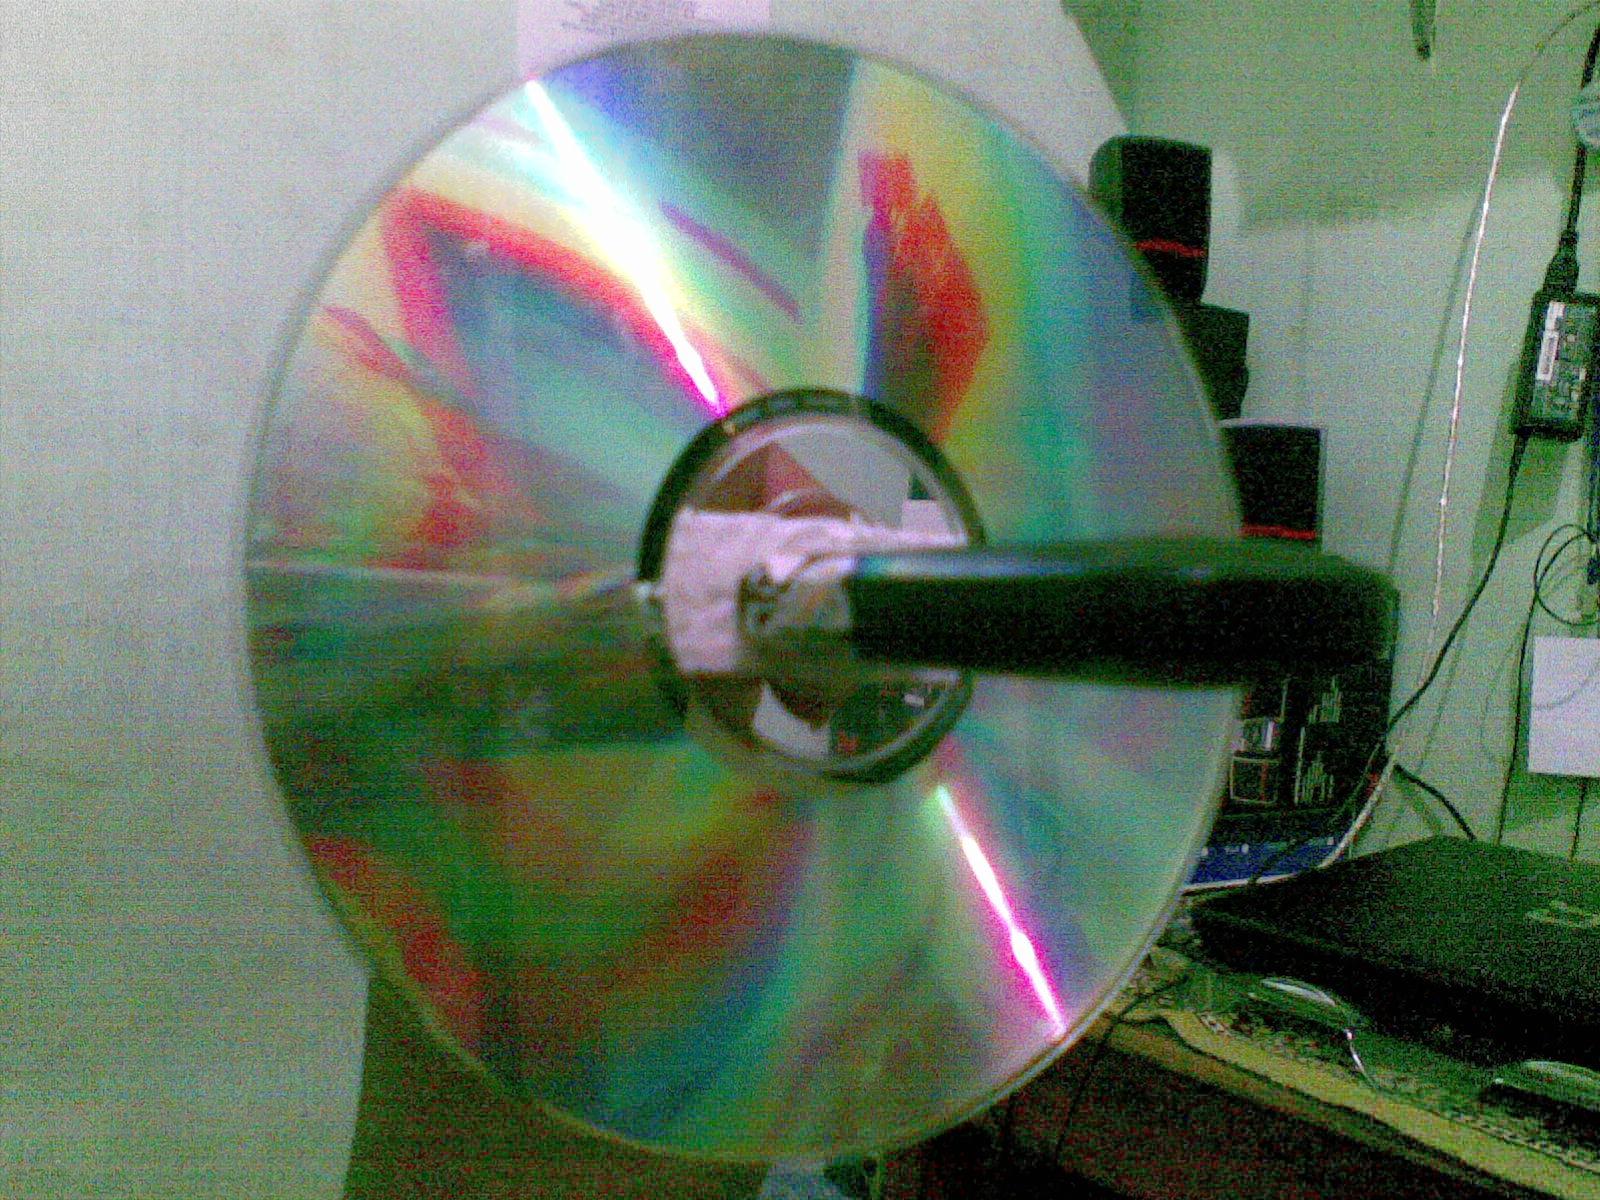 Prakteknya membuat antena kaleng dari keping cd , modemnya di masukan ...